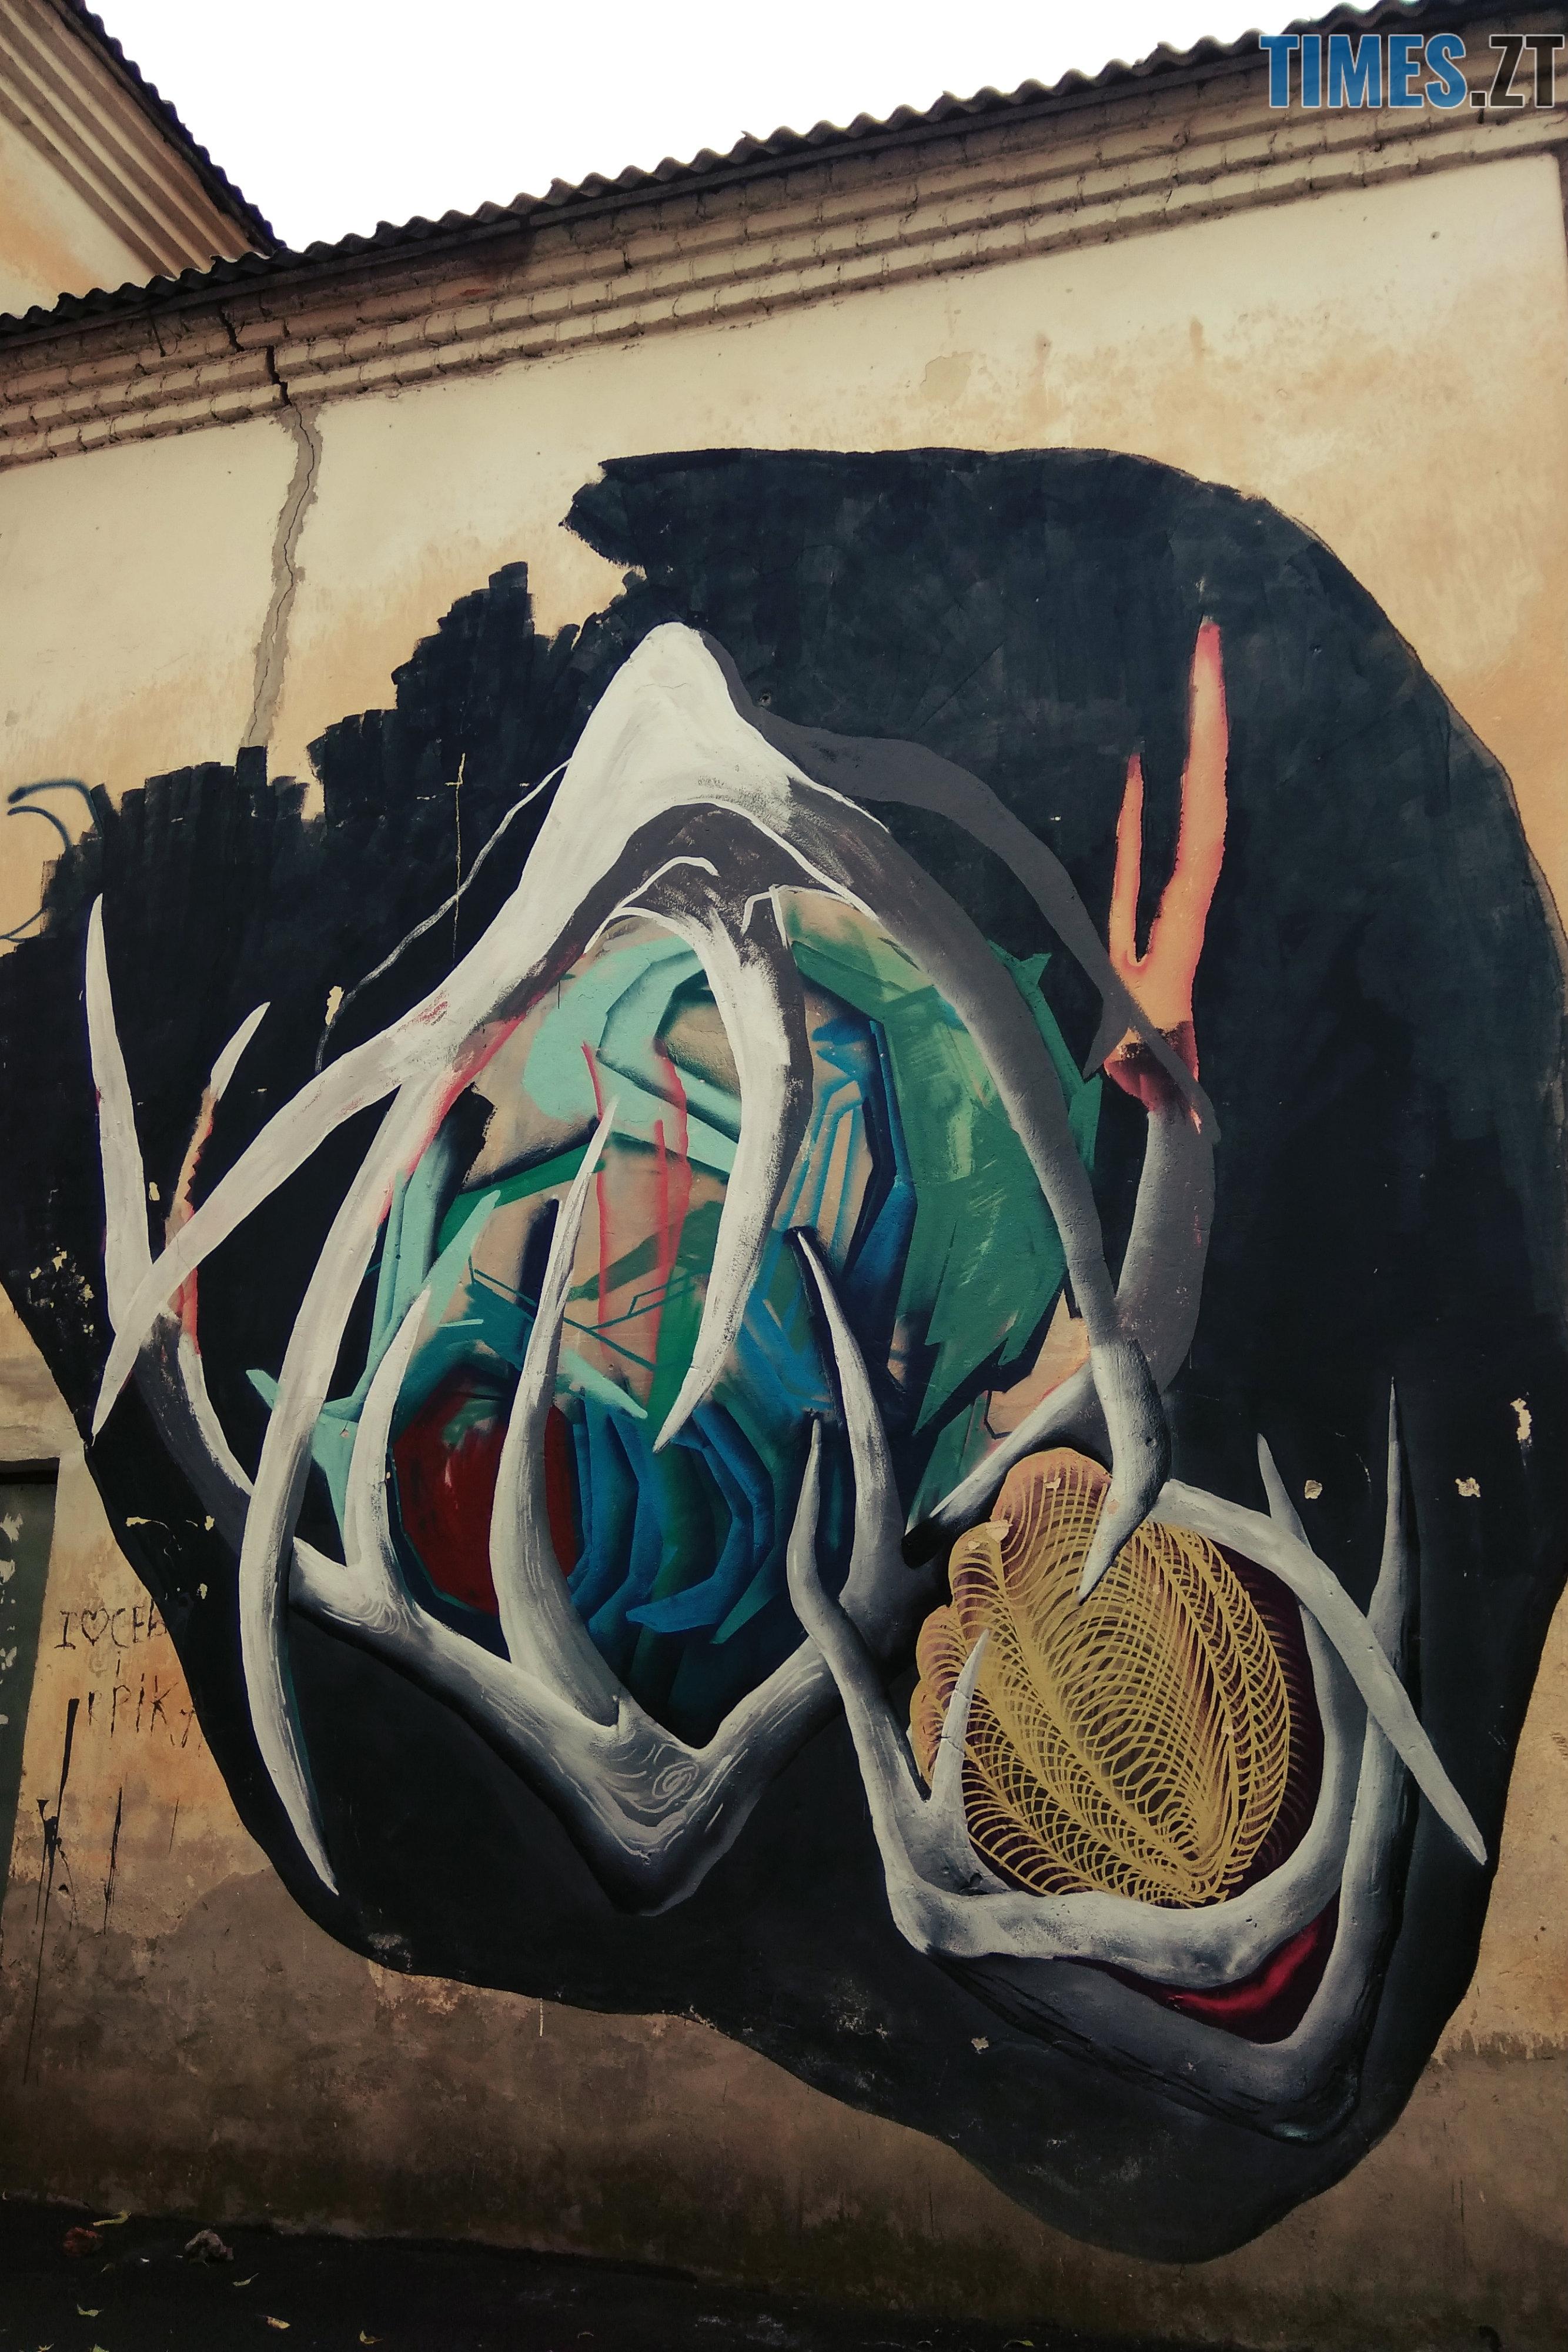 4 - Місто стінописів: вуличне мистецтво, яке робить Житомир особливим (частина 1)